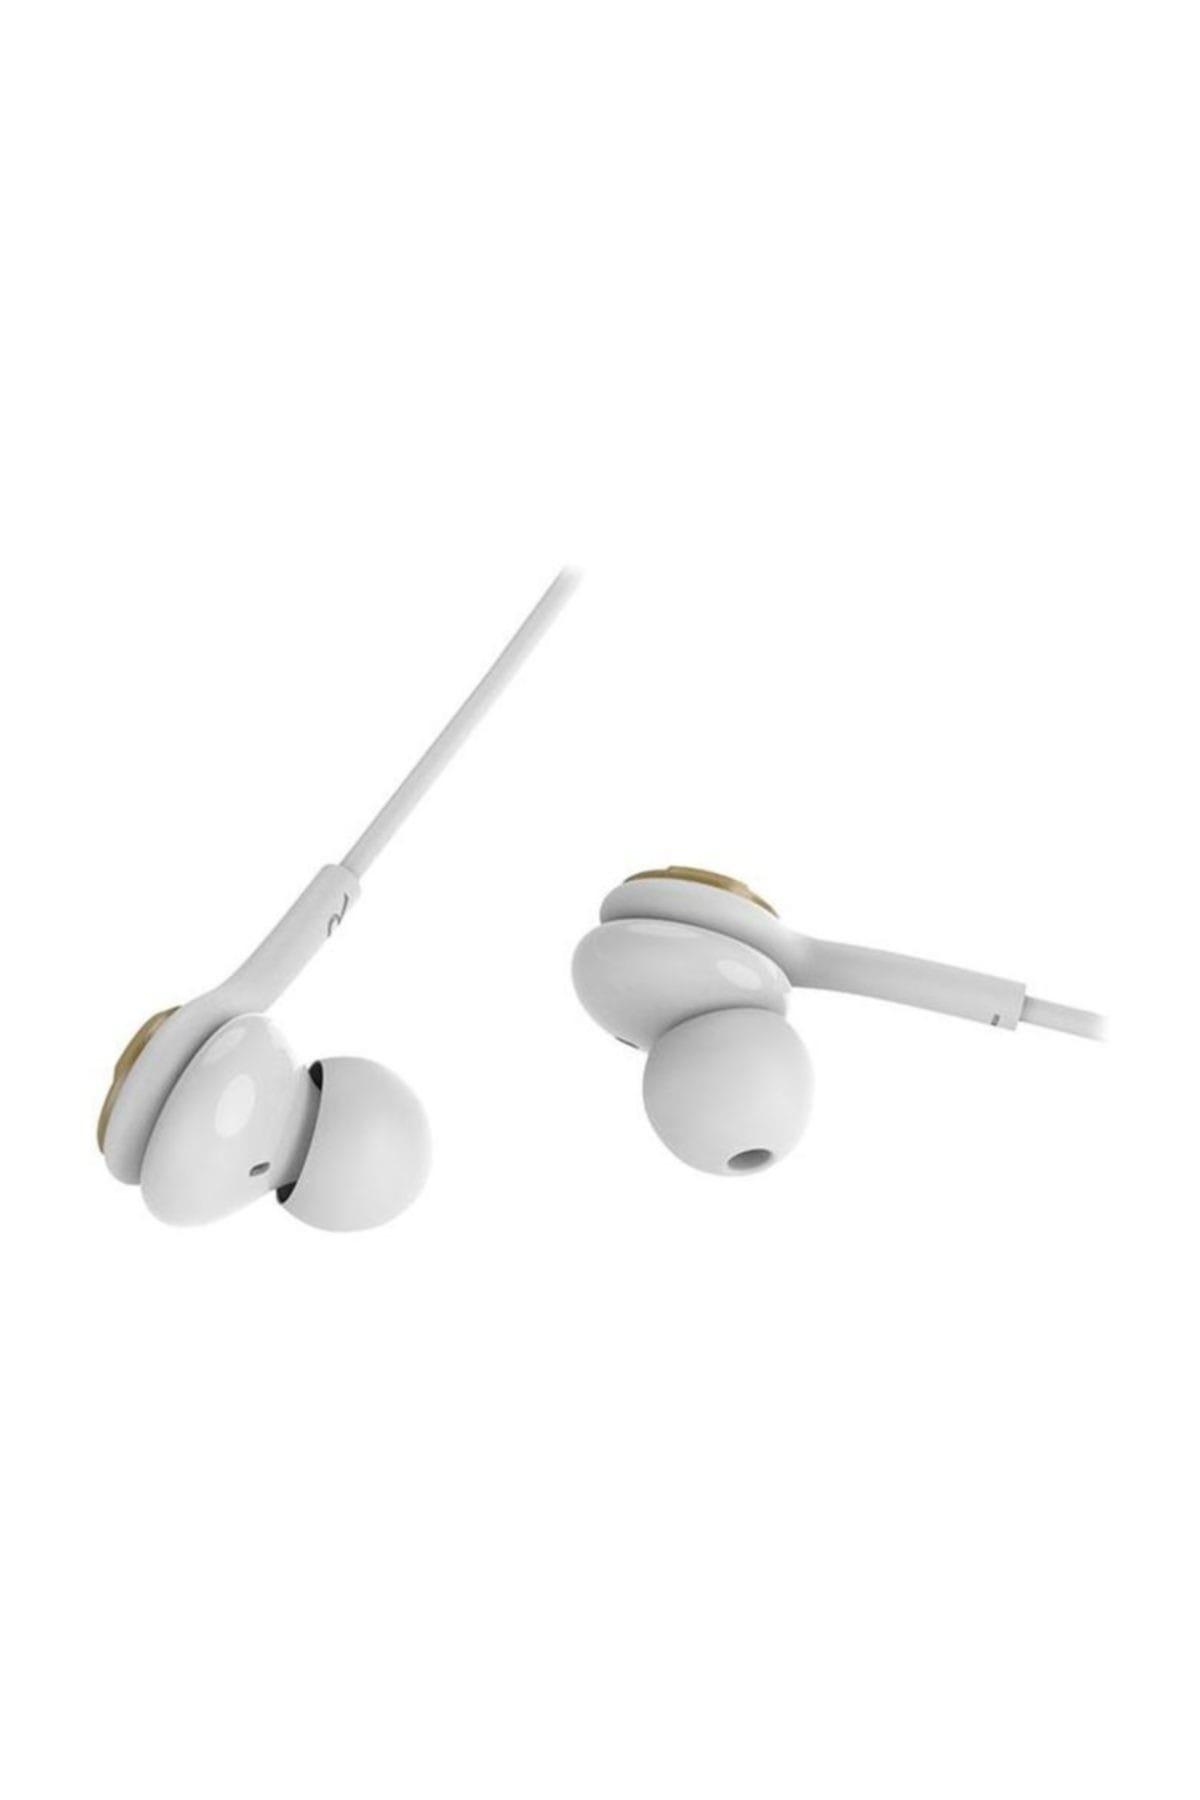 Snopy SN-X04 EPSİLON Mobil Telefon Uyumlu Beyaz/Gold Kulak İçi Mikrofonlu Kulaklık 2